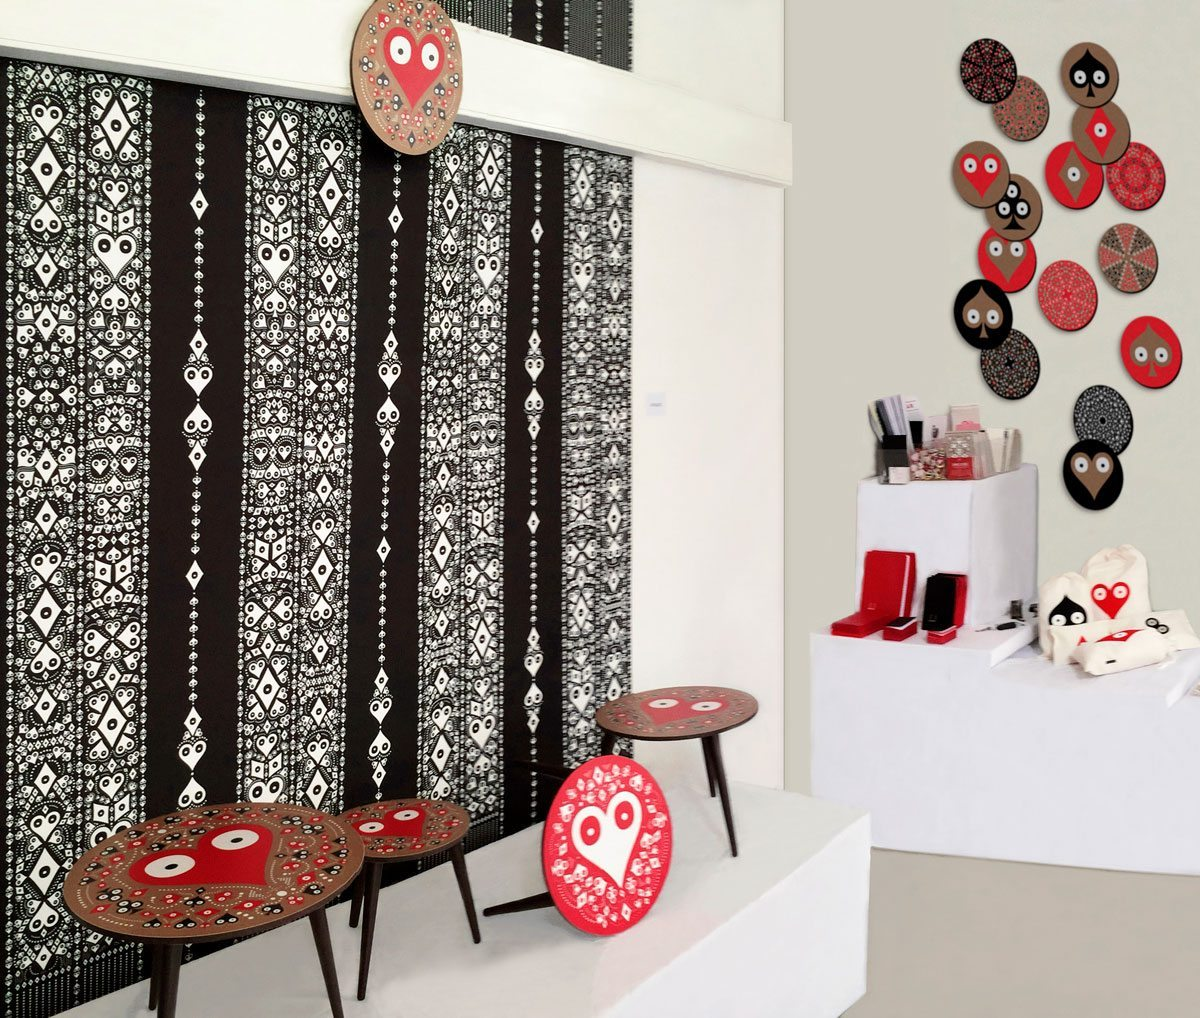 Exposition La bande de Mexico, Paris Design Week 2014, papiers peints, petites tables basses rondes Pokerface et papeteries signés Ich&Kar.